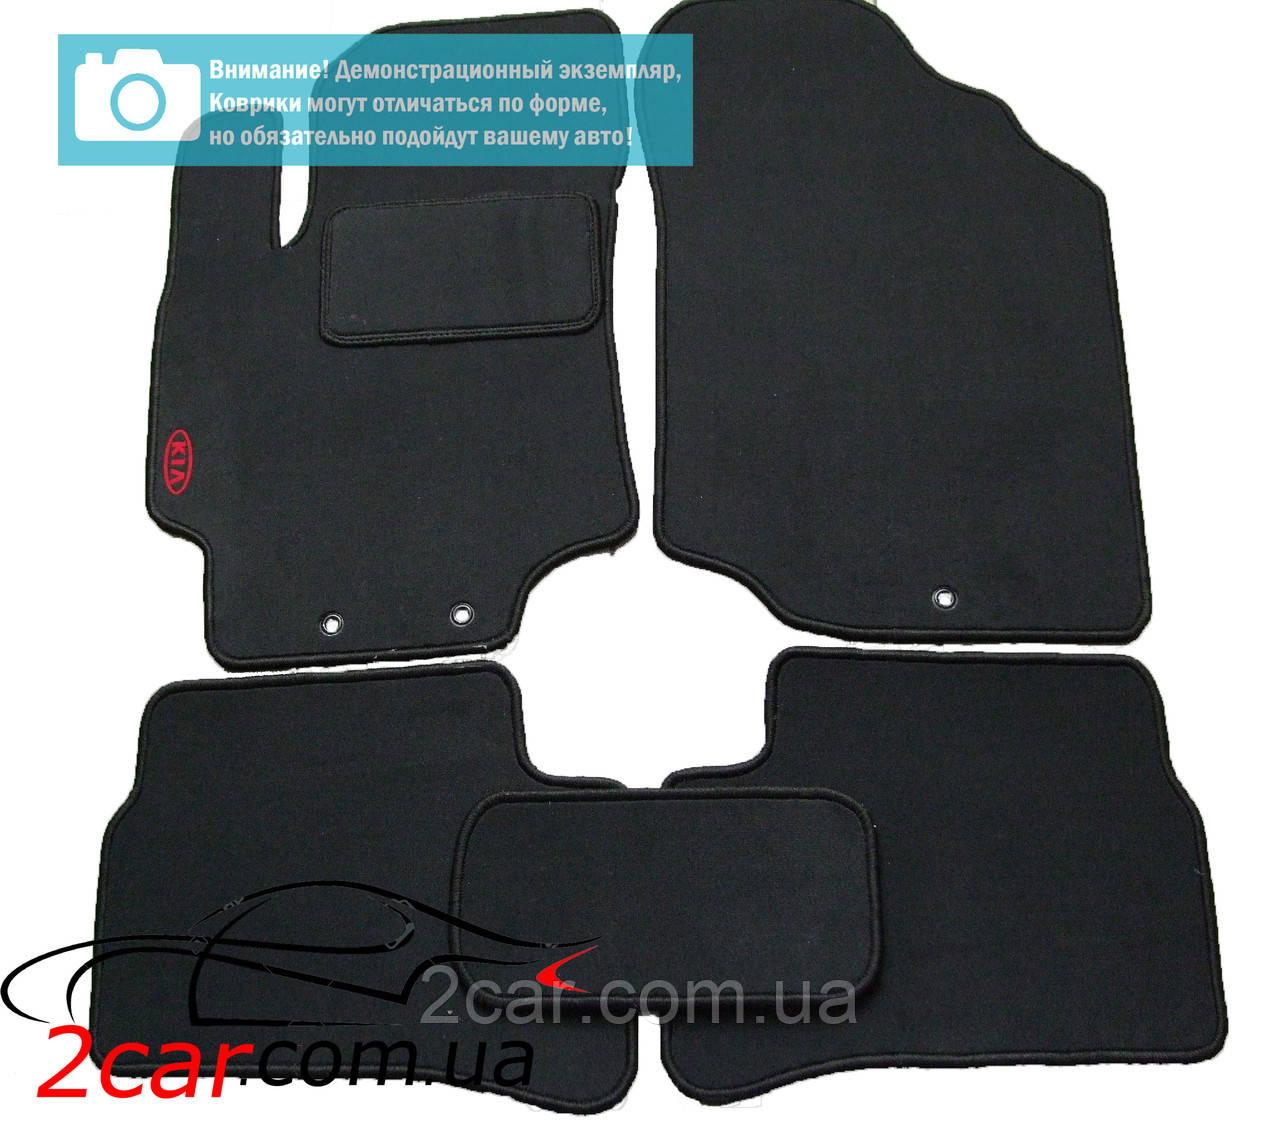 Текстильные коврики в салон для ВАЗ 21099 (серые) (StingrayUA)